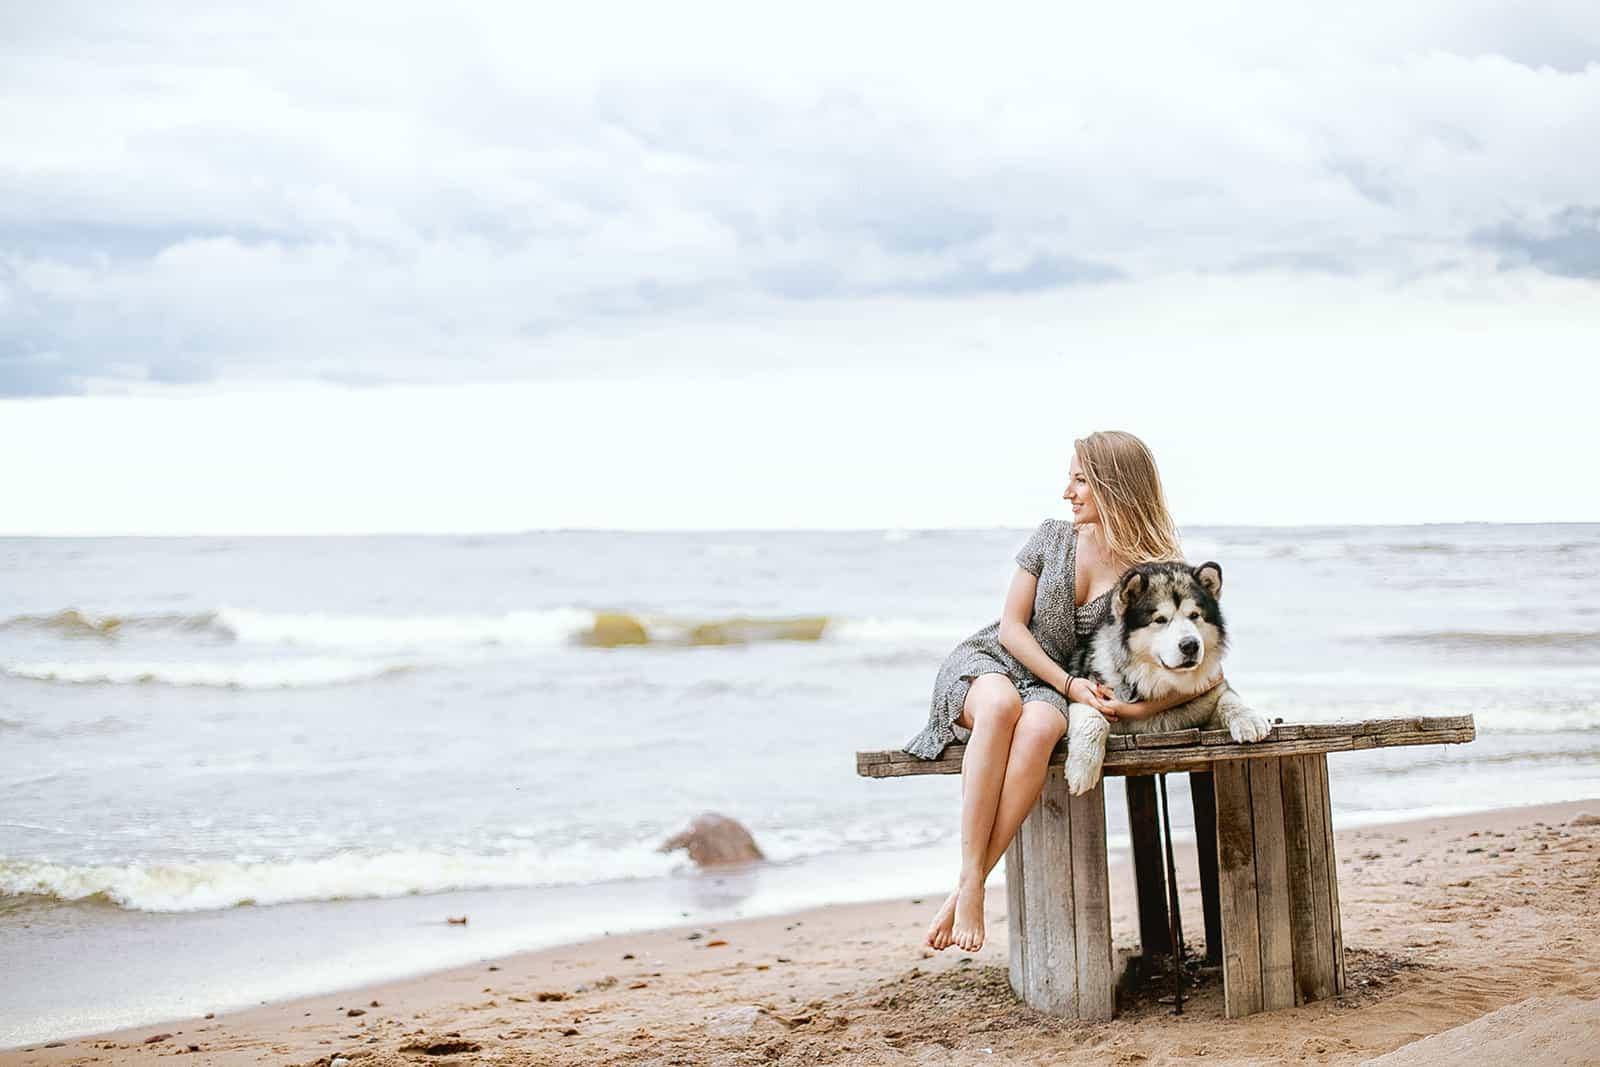 eine Frau, die mit einem Hund auf dem Holztisch am Strand sitzt